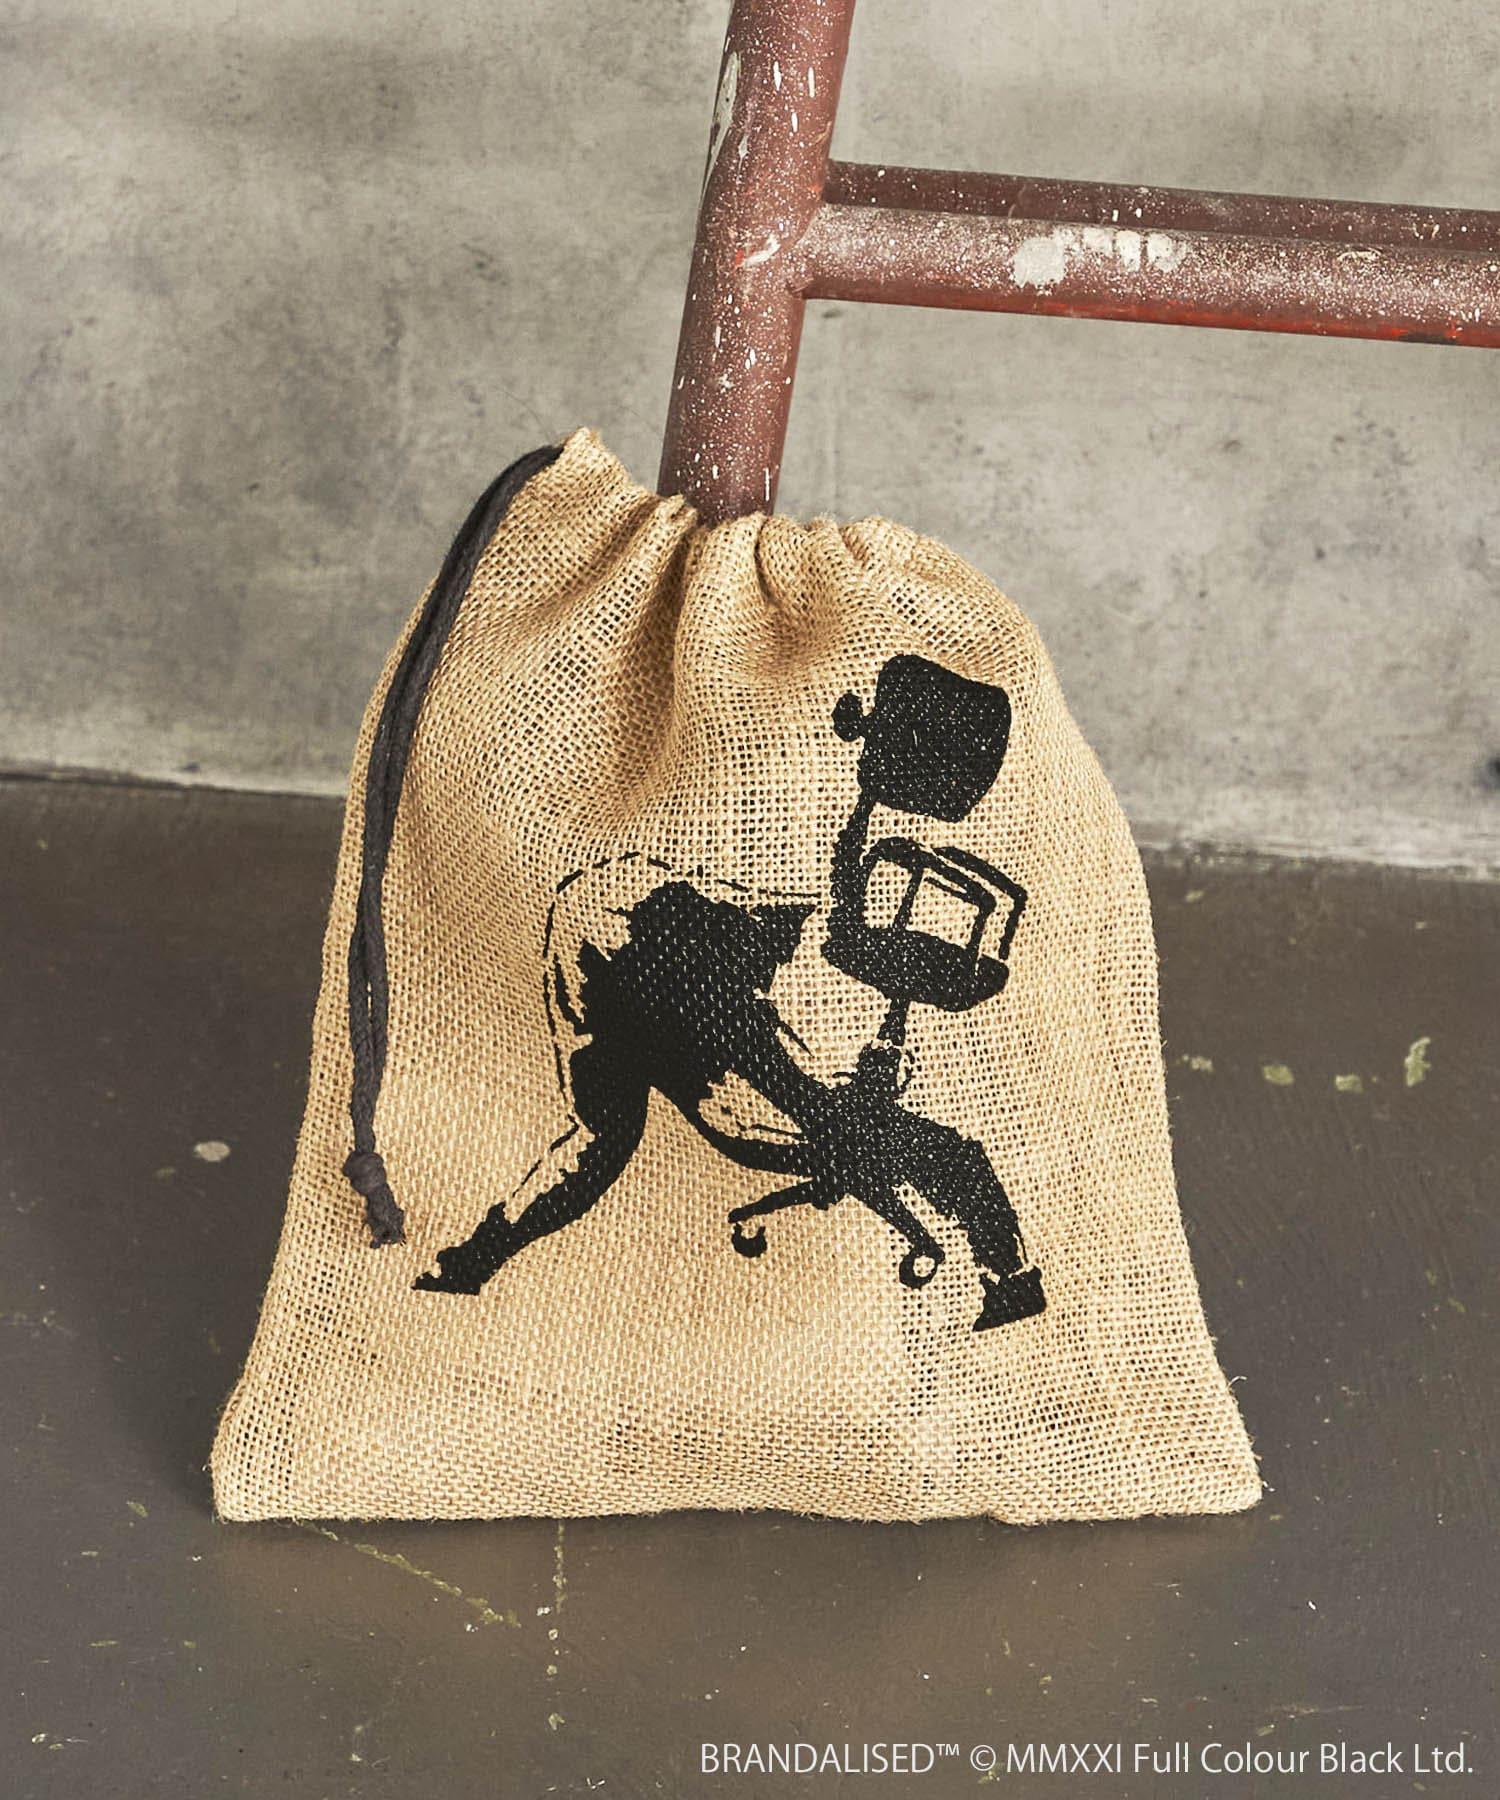 ASOKO(アソコ) ライフスタイル Banksy's Graffiti ジュート巾着 その他